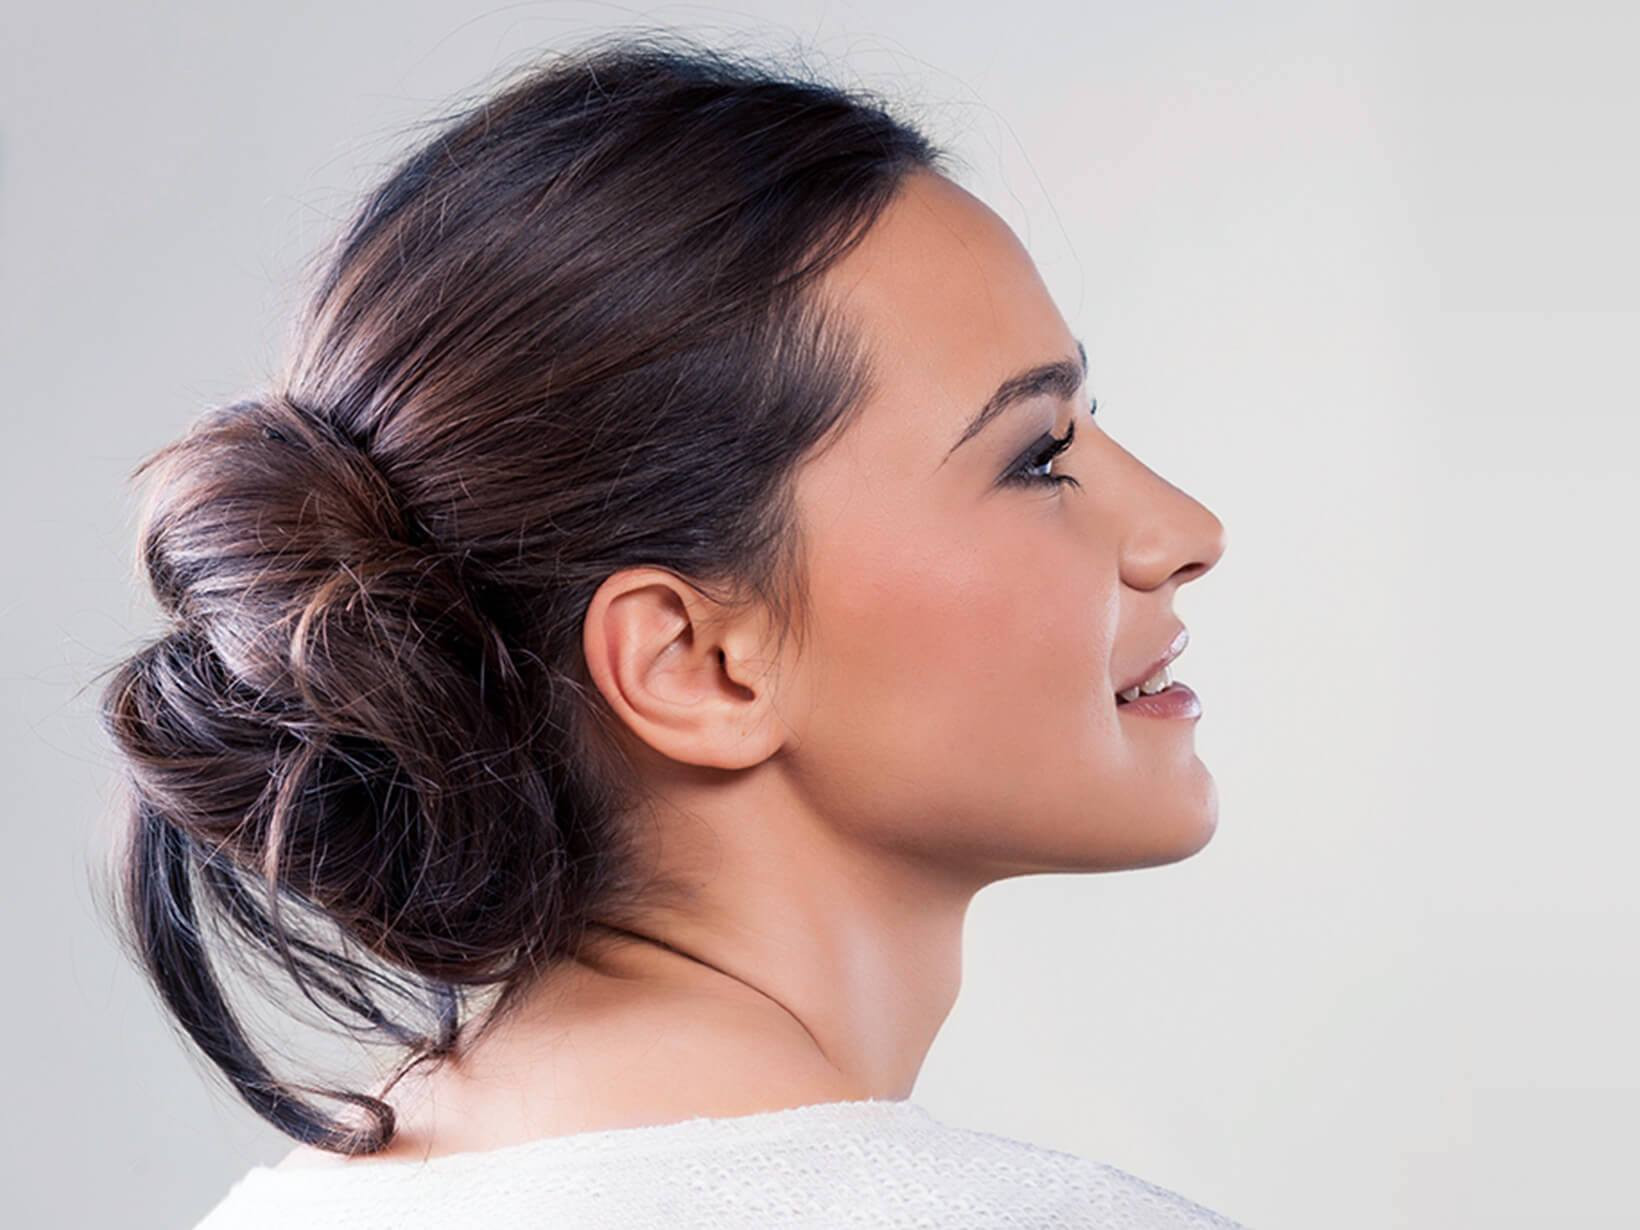 Frisuren Mit Dutt  Einfache Frisuren zum Nachmachen